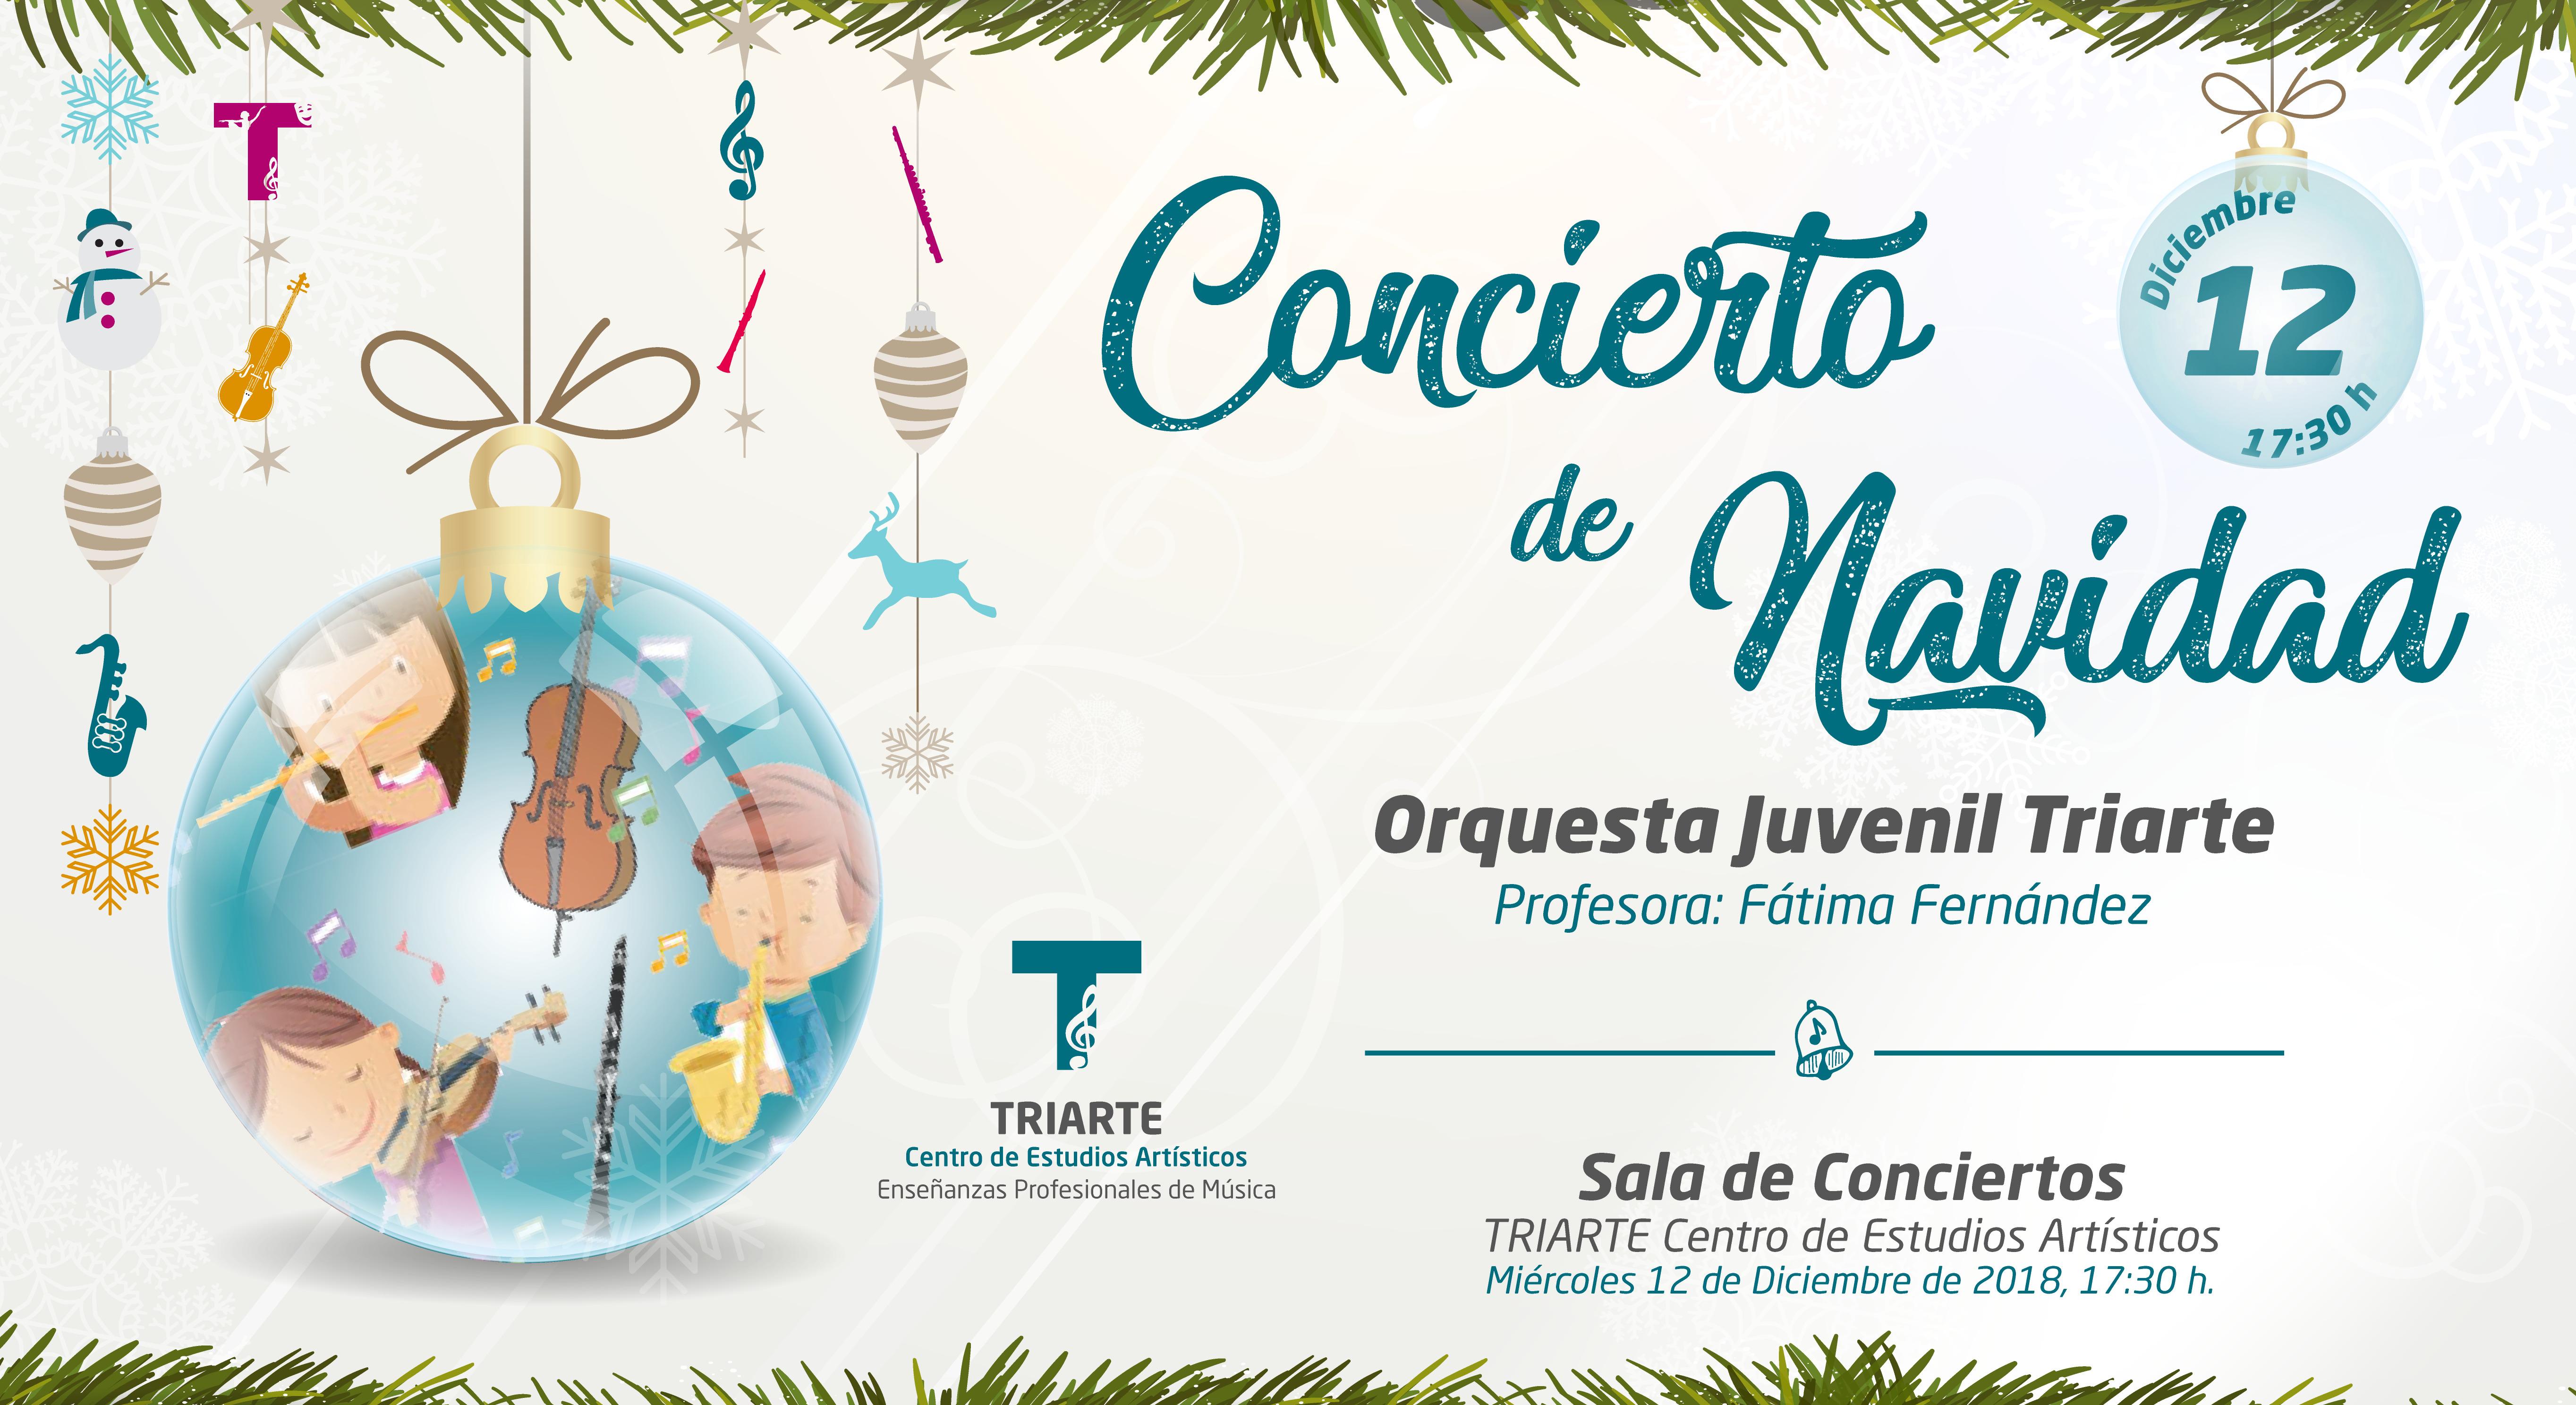 Concierto de la Orquesta Juvenil Triarte. En Triarte - Centro de Estudios Artísticos de Málaga. Violín, Violonchelo, Saxofón, Clarinete, Flauta. Navidad 2018. Málaga.